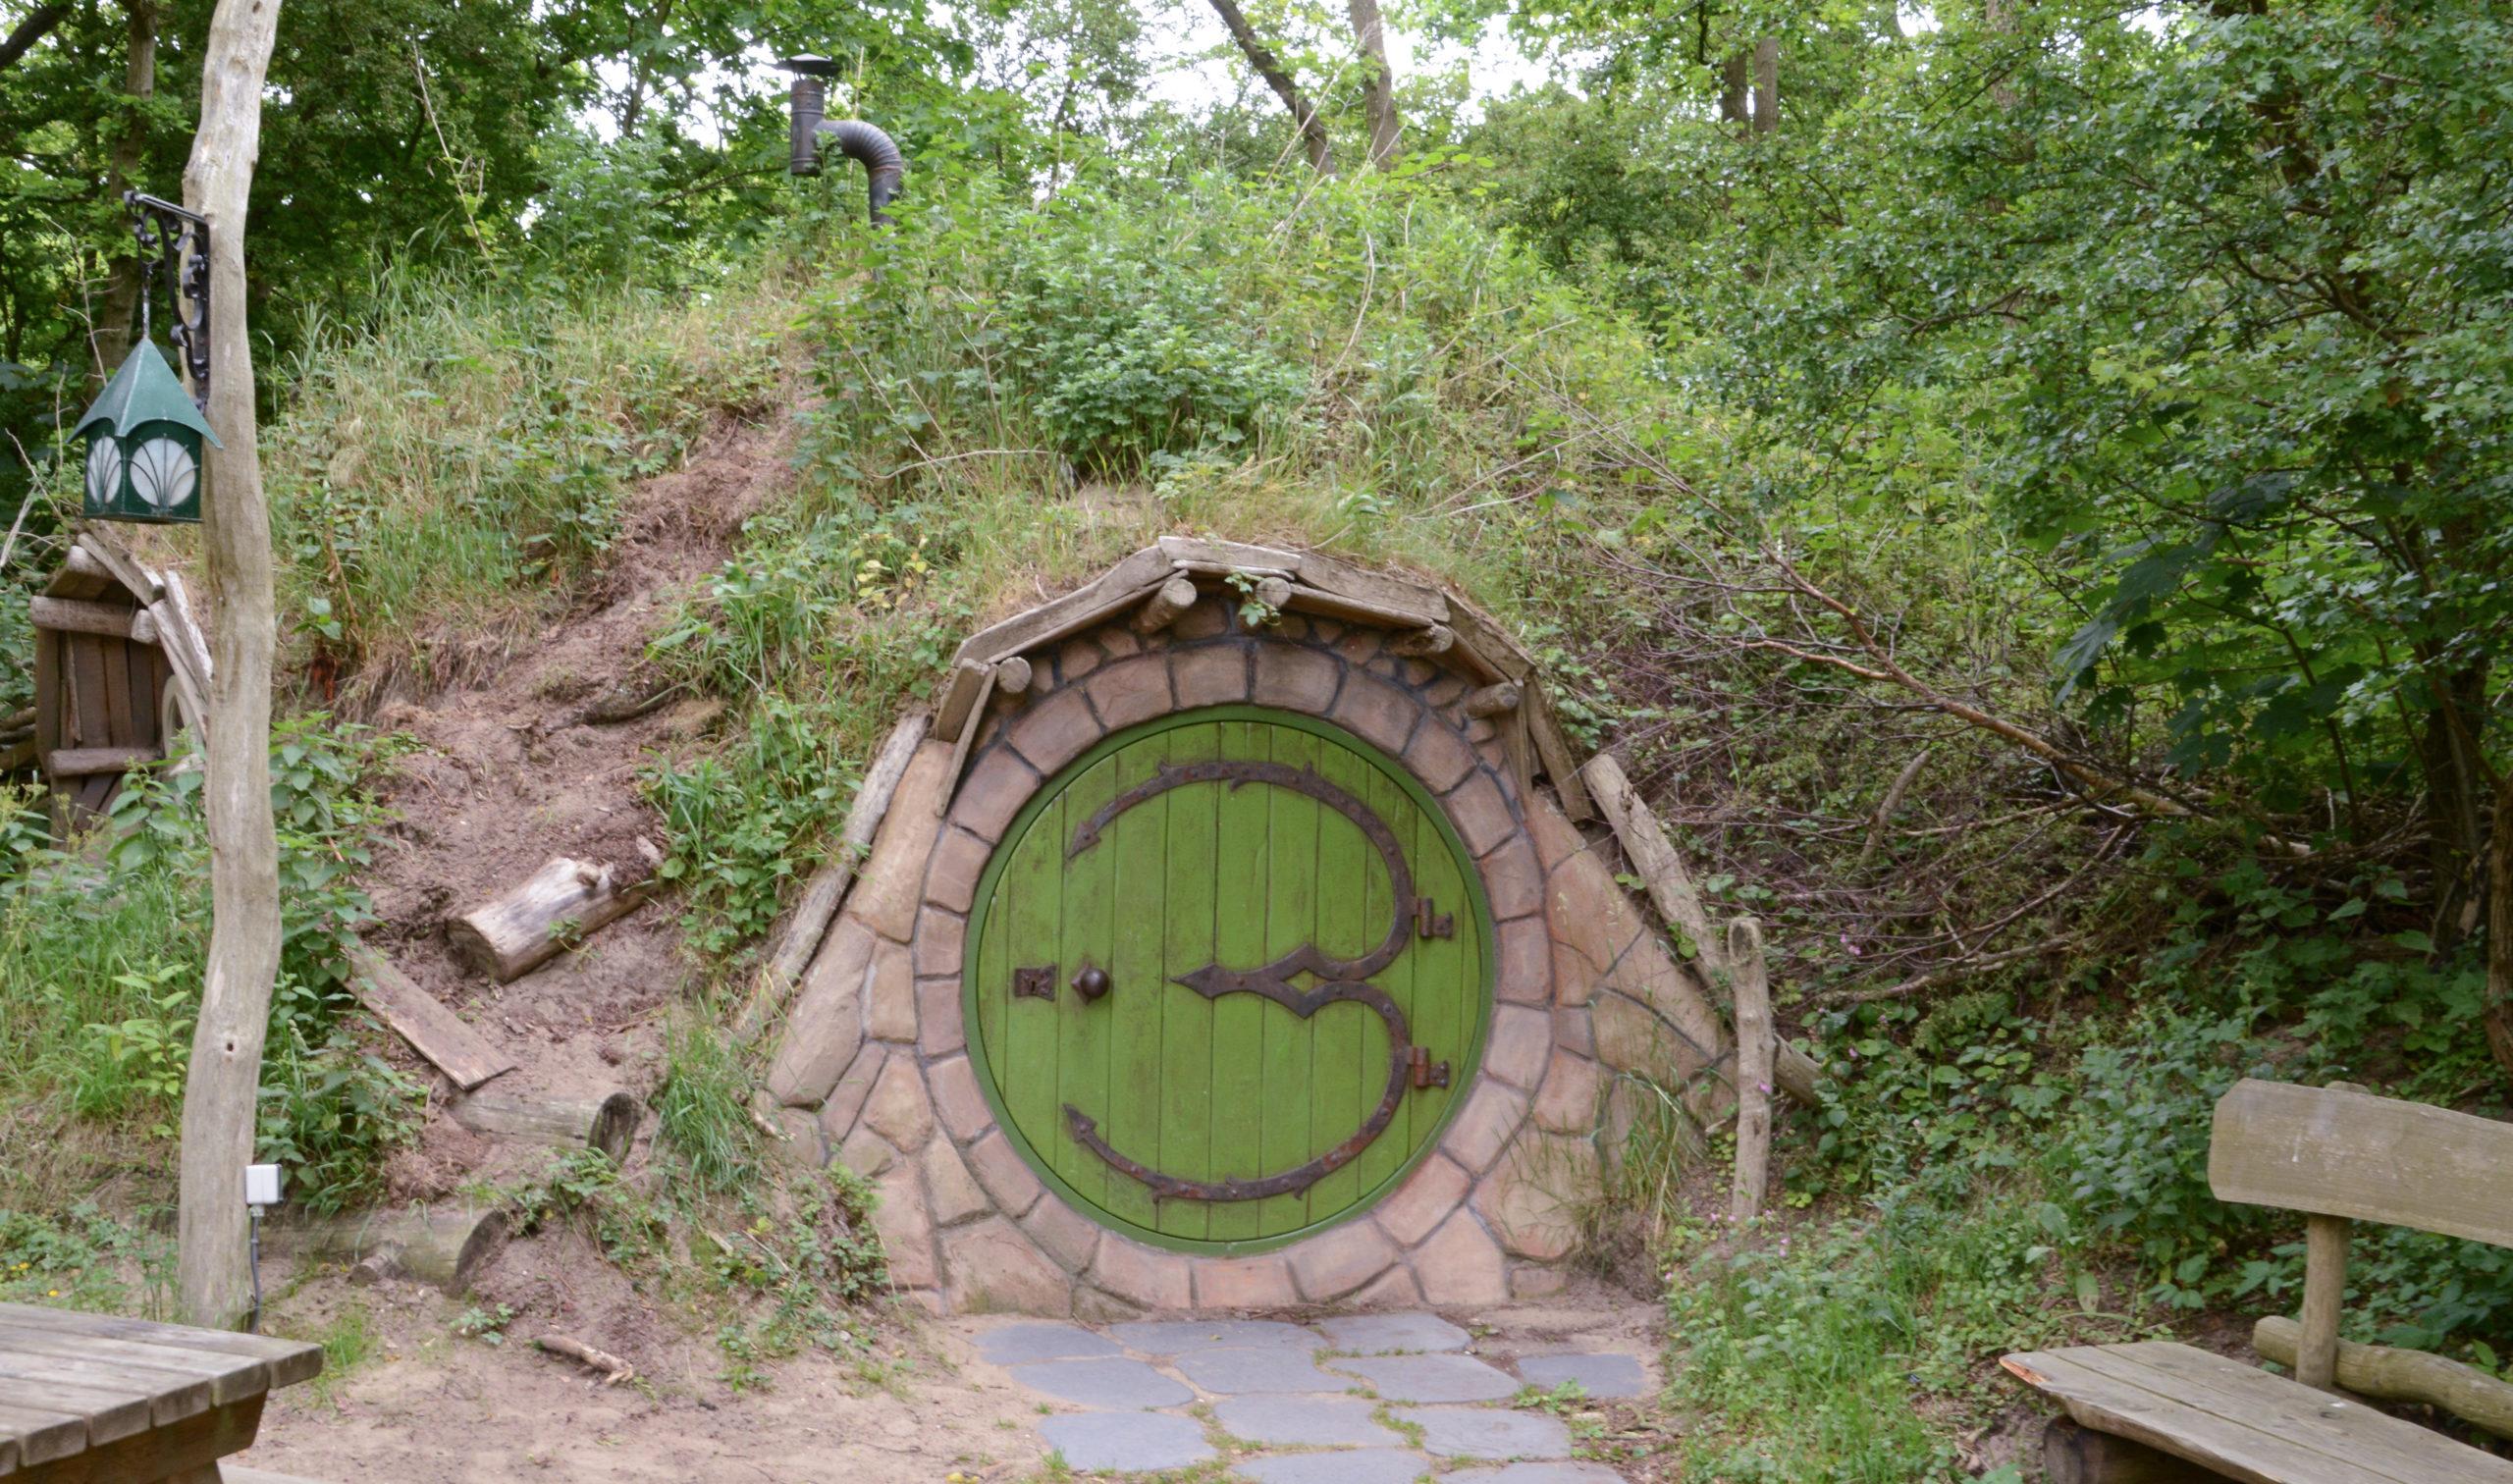 Hobbit-Wohnung auf dem Campingplatz Geversduin bei Bergen in Noordholland